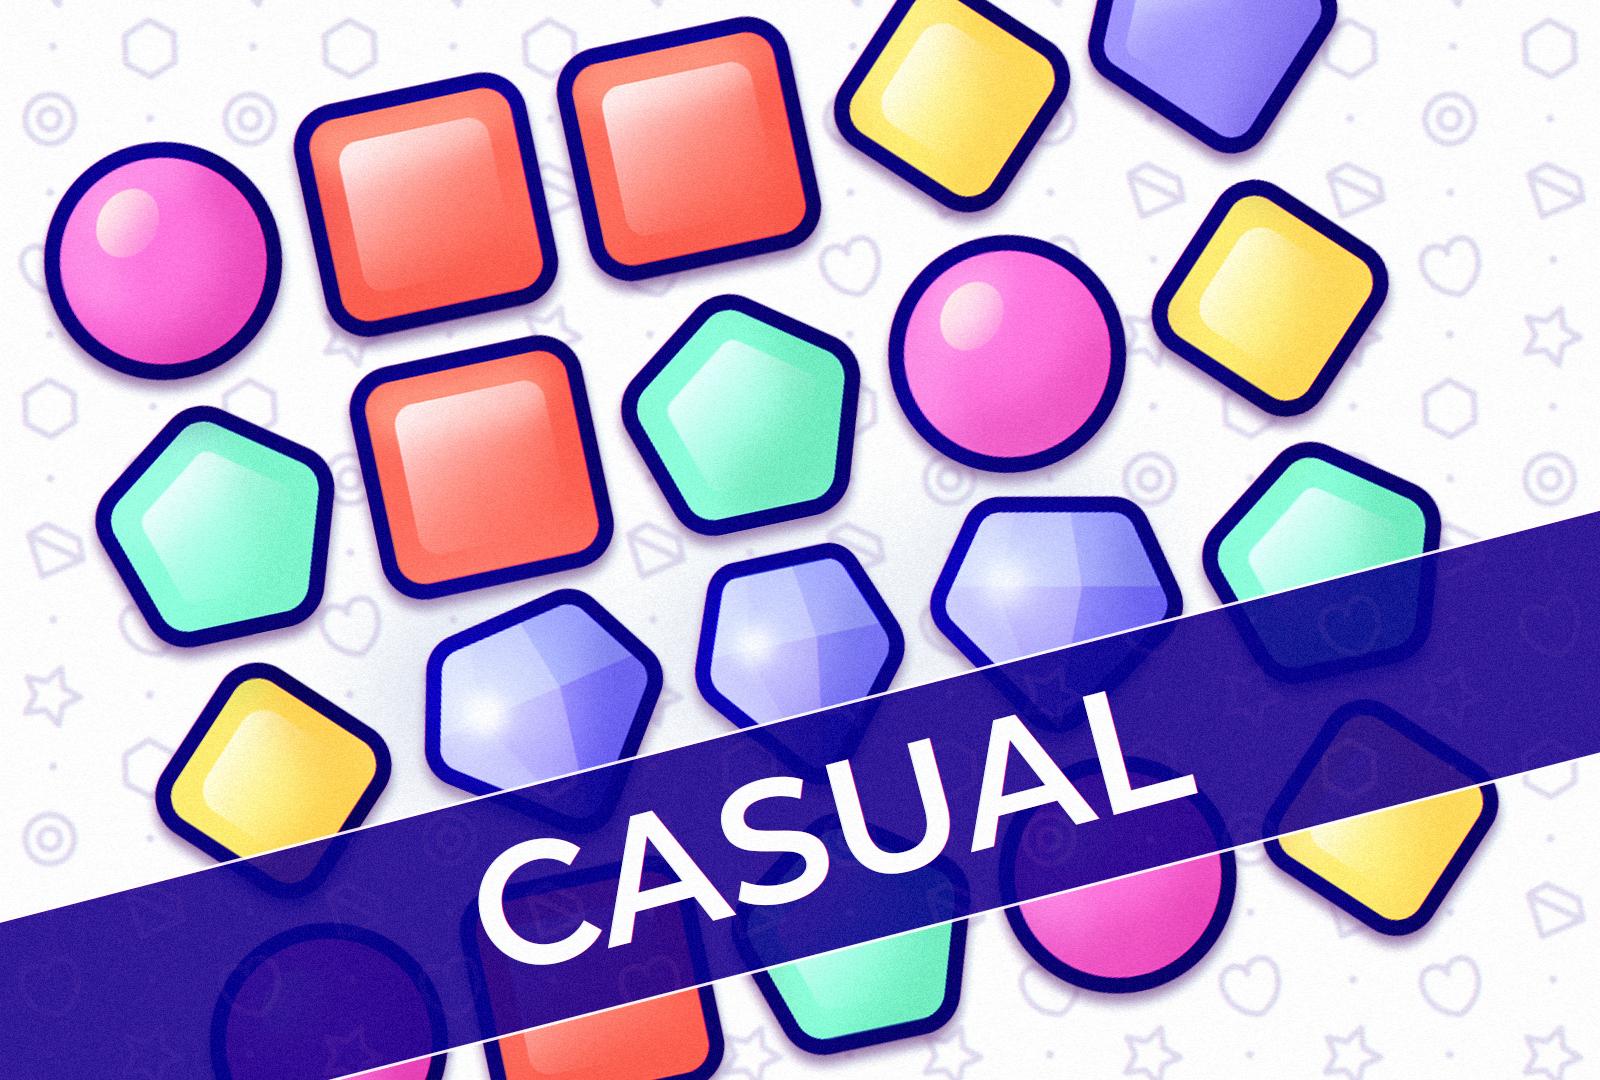 Казуальні ігри: що це, якими вони бувають і як розвивається жанр Фото 0